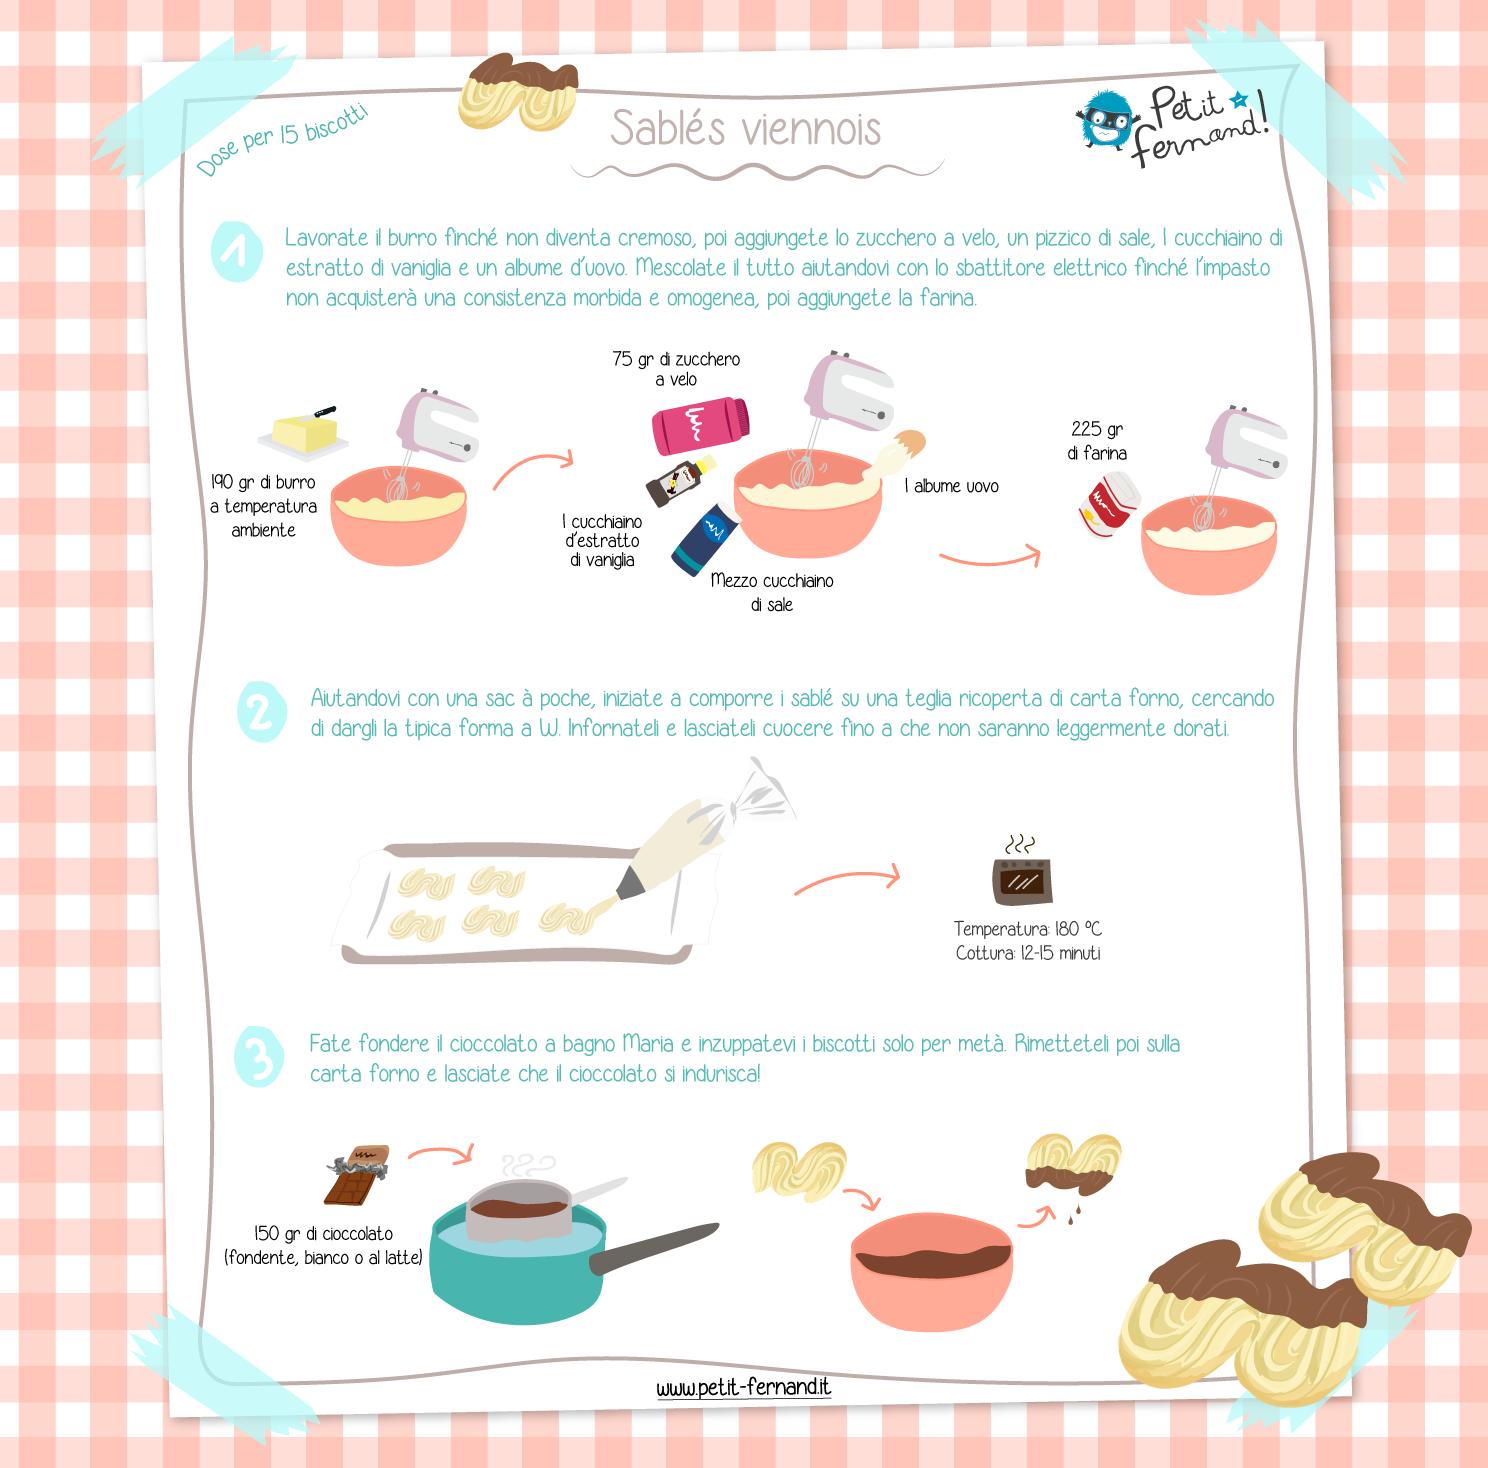 Ricetta per preparare i sablés viennois al cioccolato